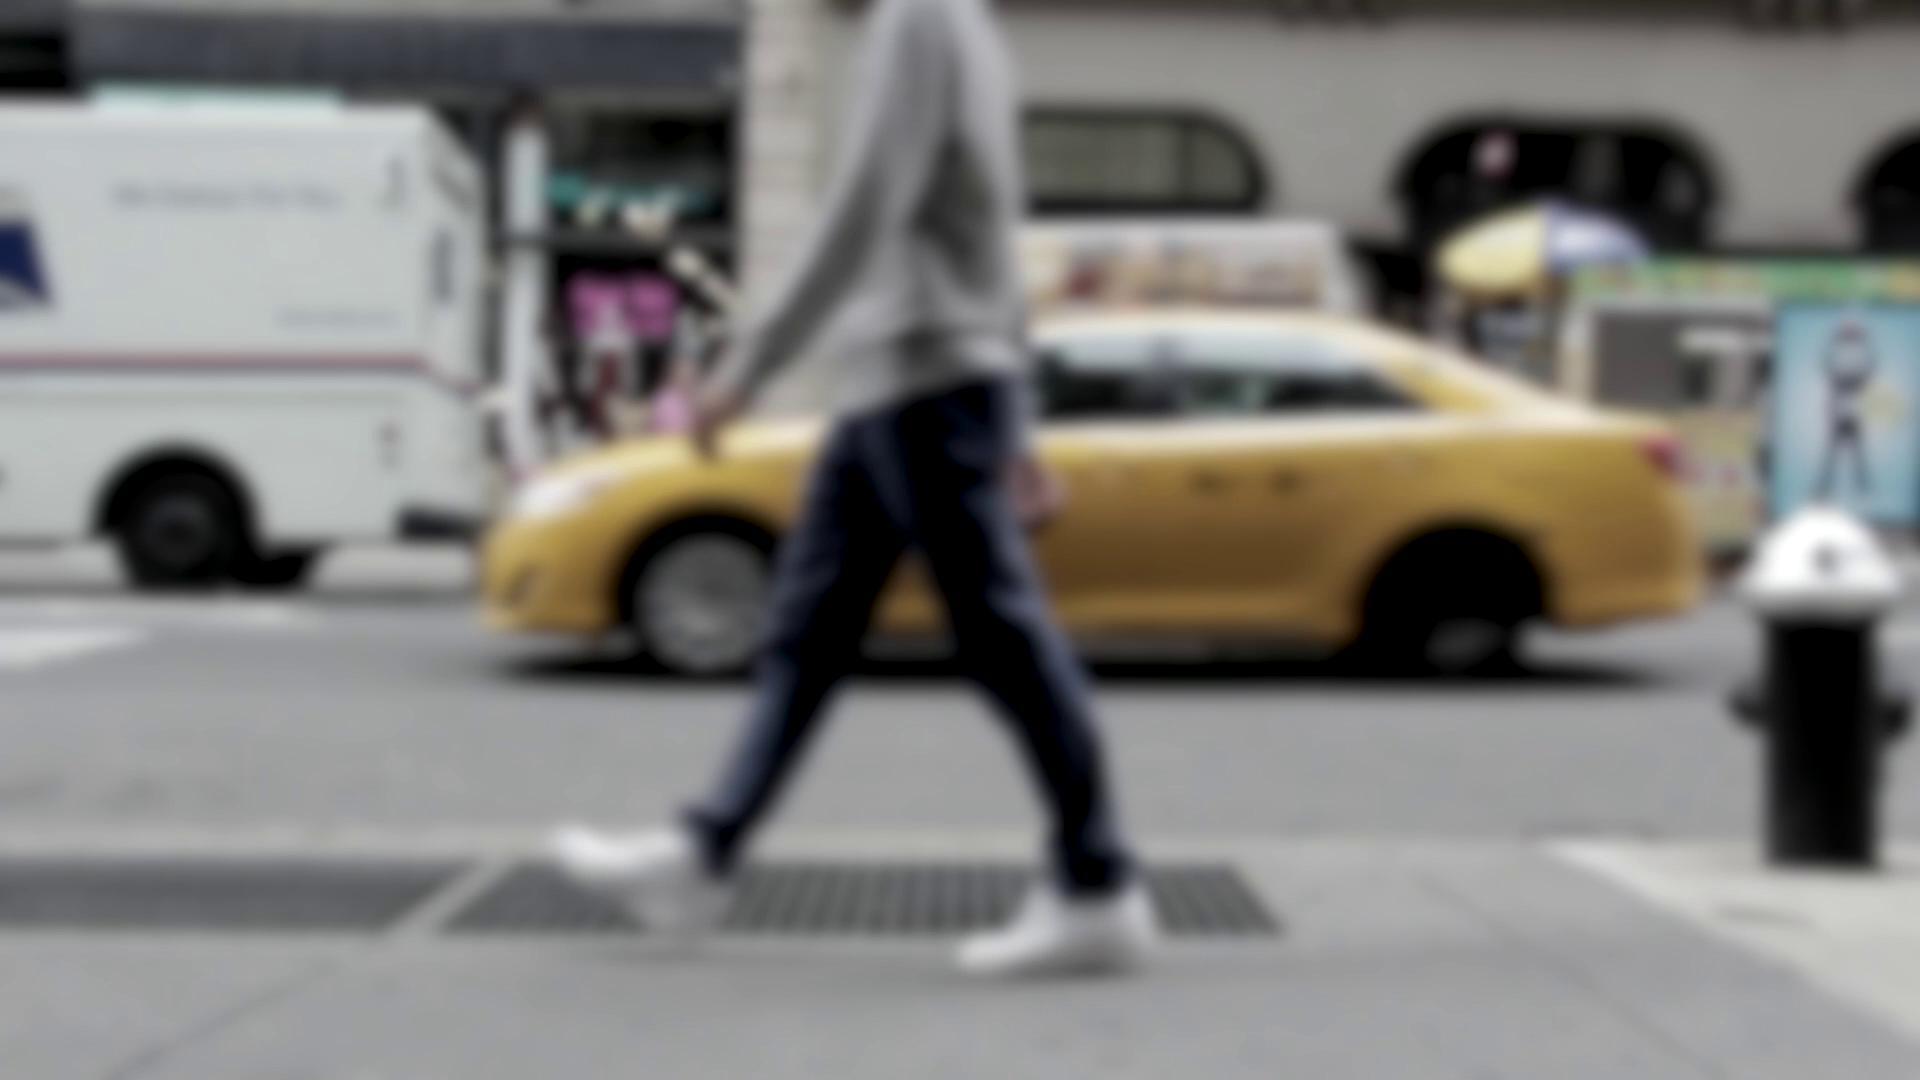 Blurryvideo